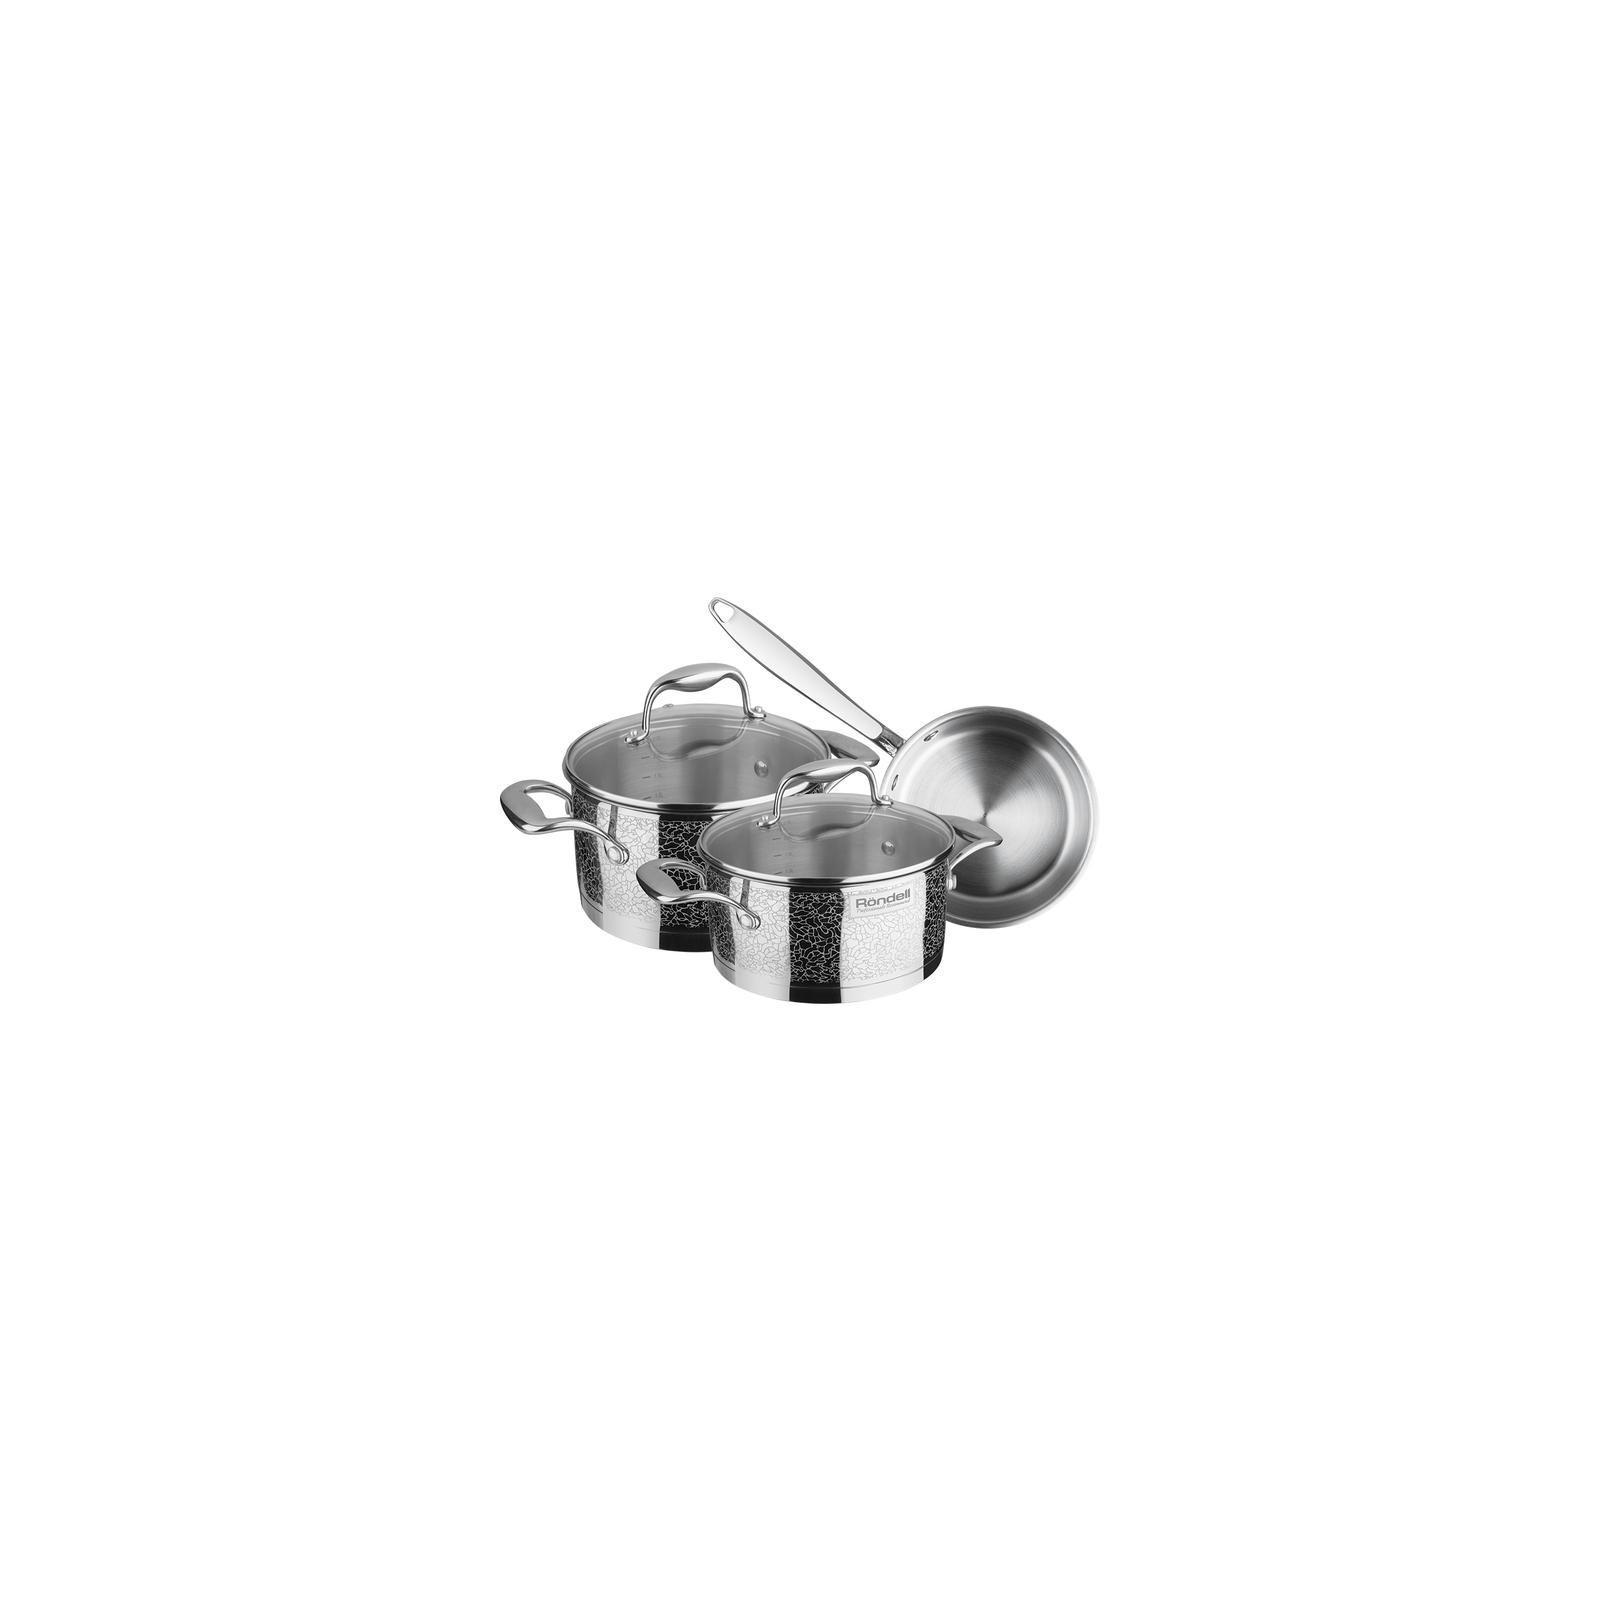 Набор посуды Rondell Vintage 6 предметов (RDS-379) изображение 2